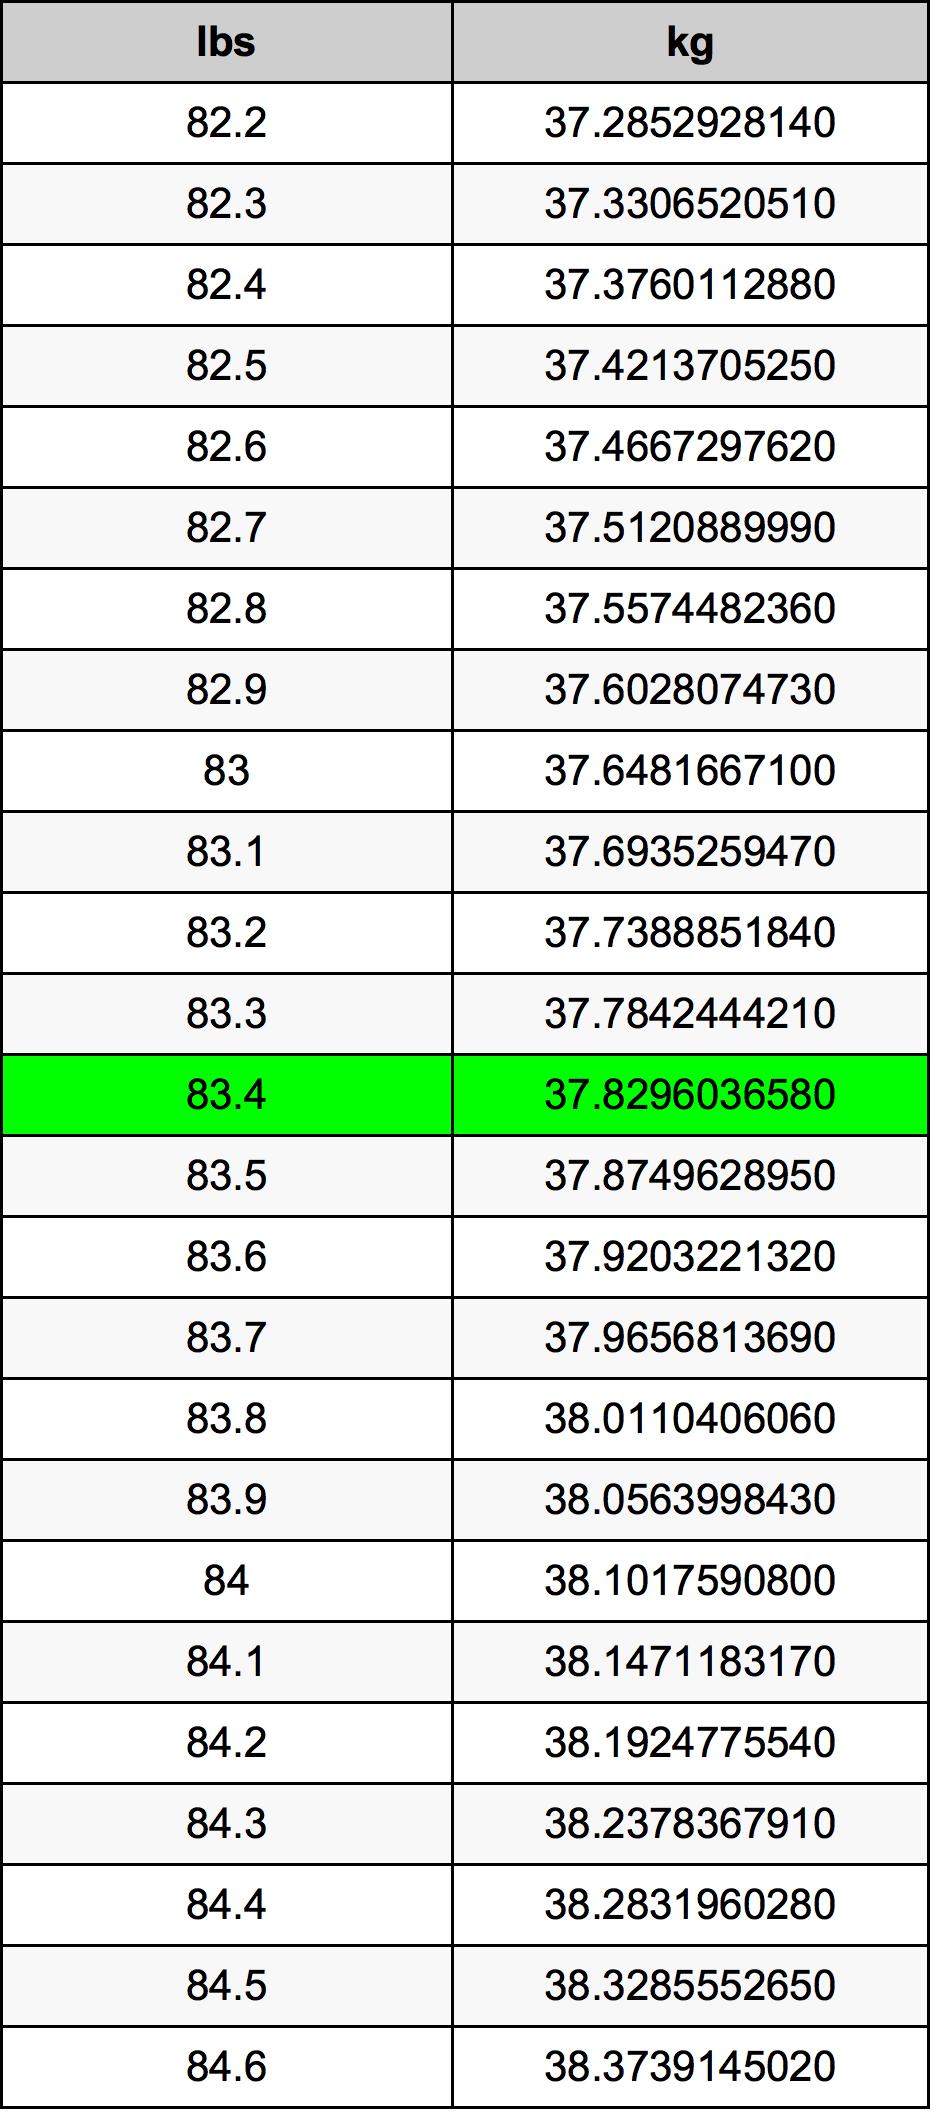 83.4 Libbra tabella di conversione